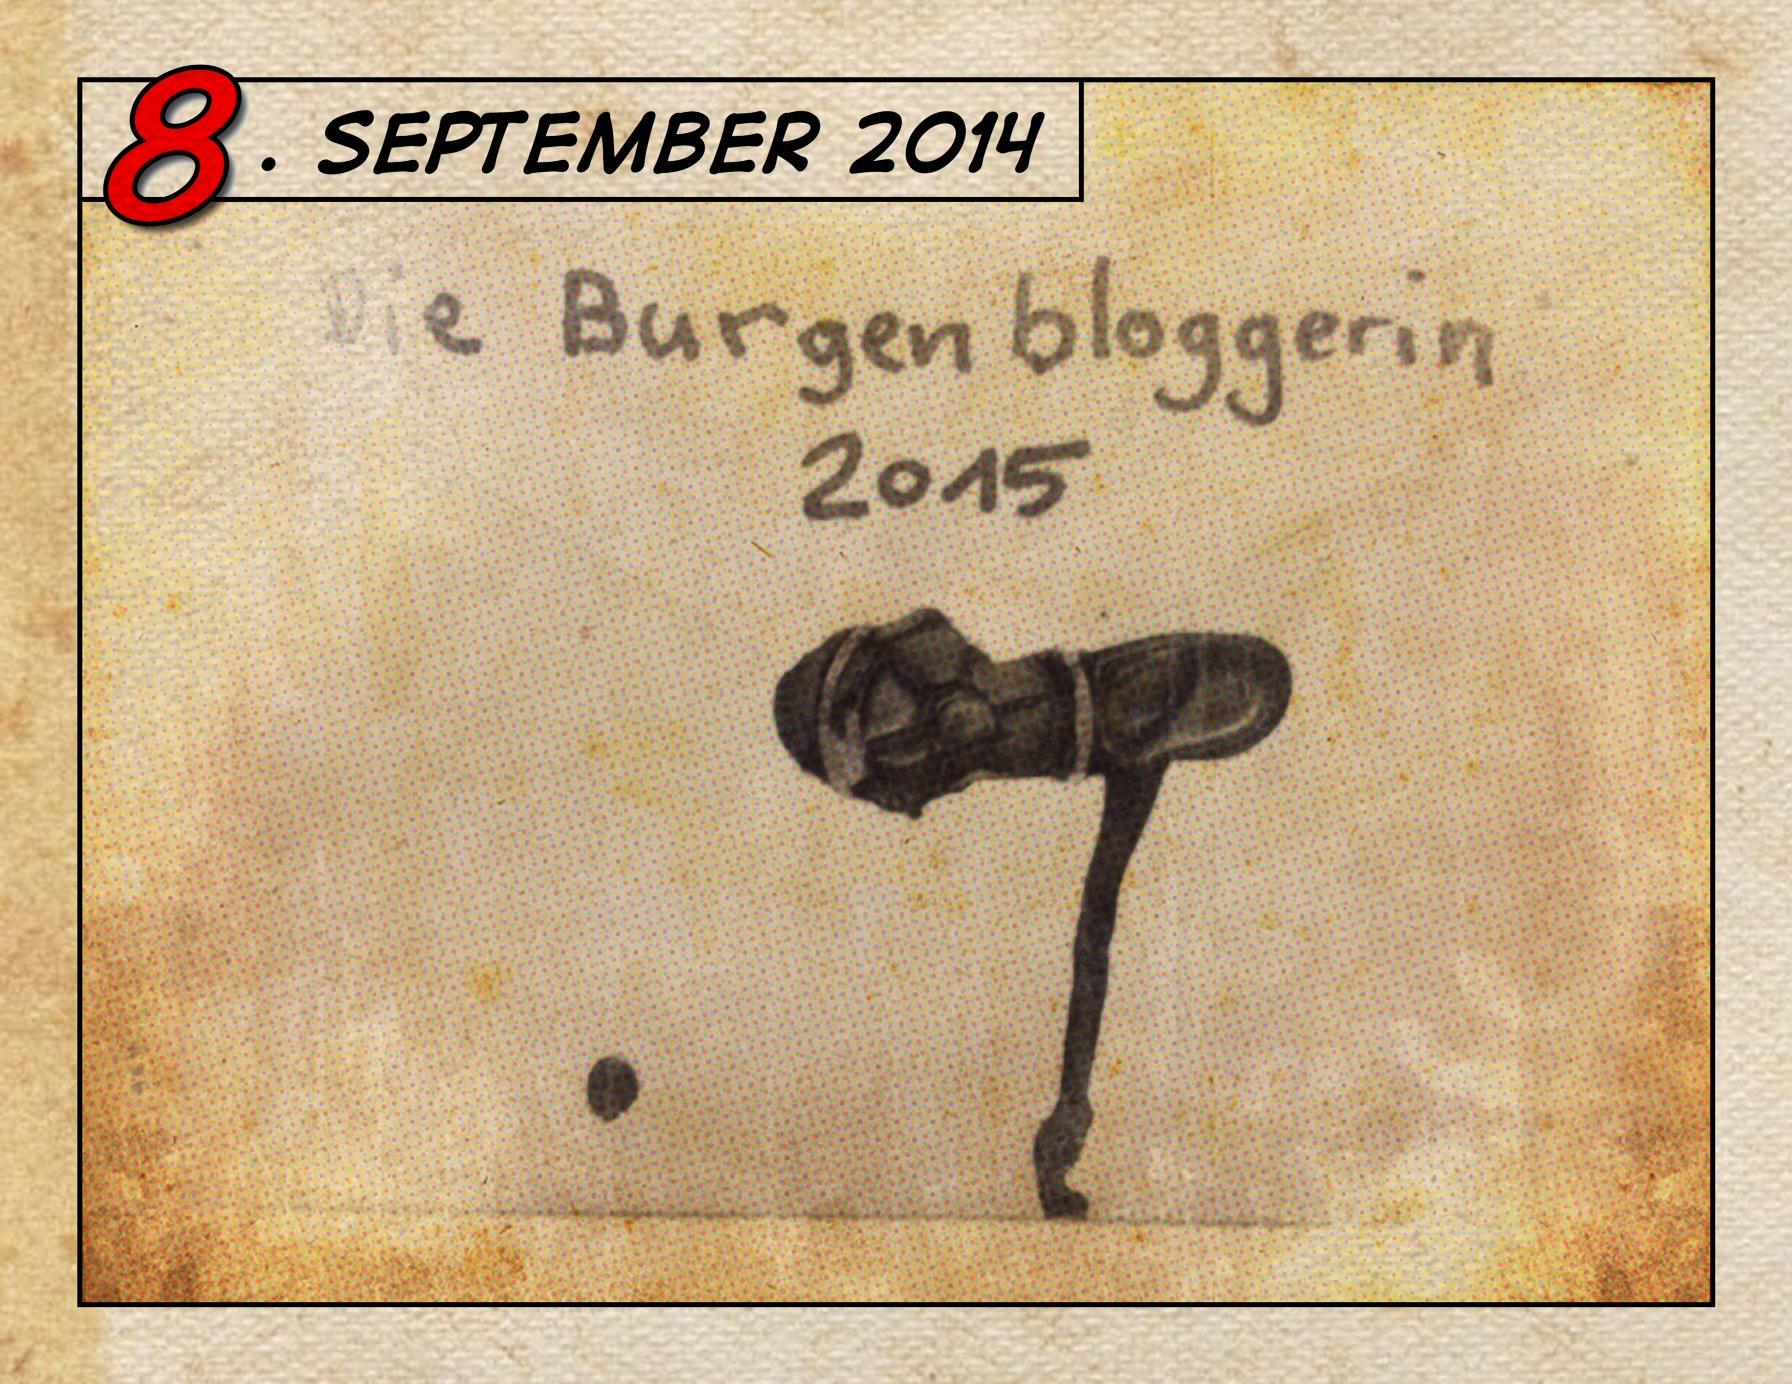 Umschlag versiegelt mit dem Namen der künftigen Burgenbloggerin